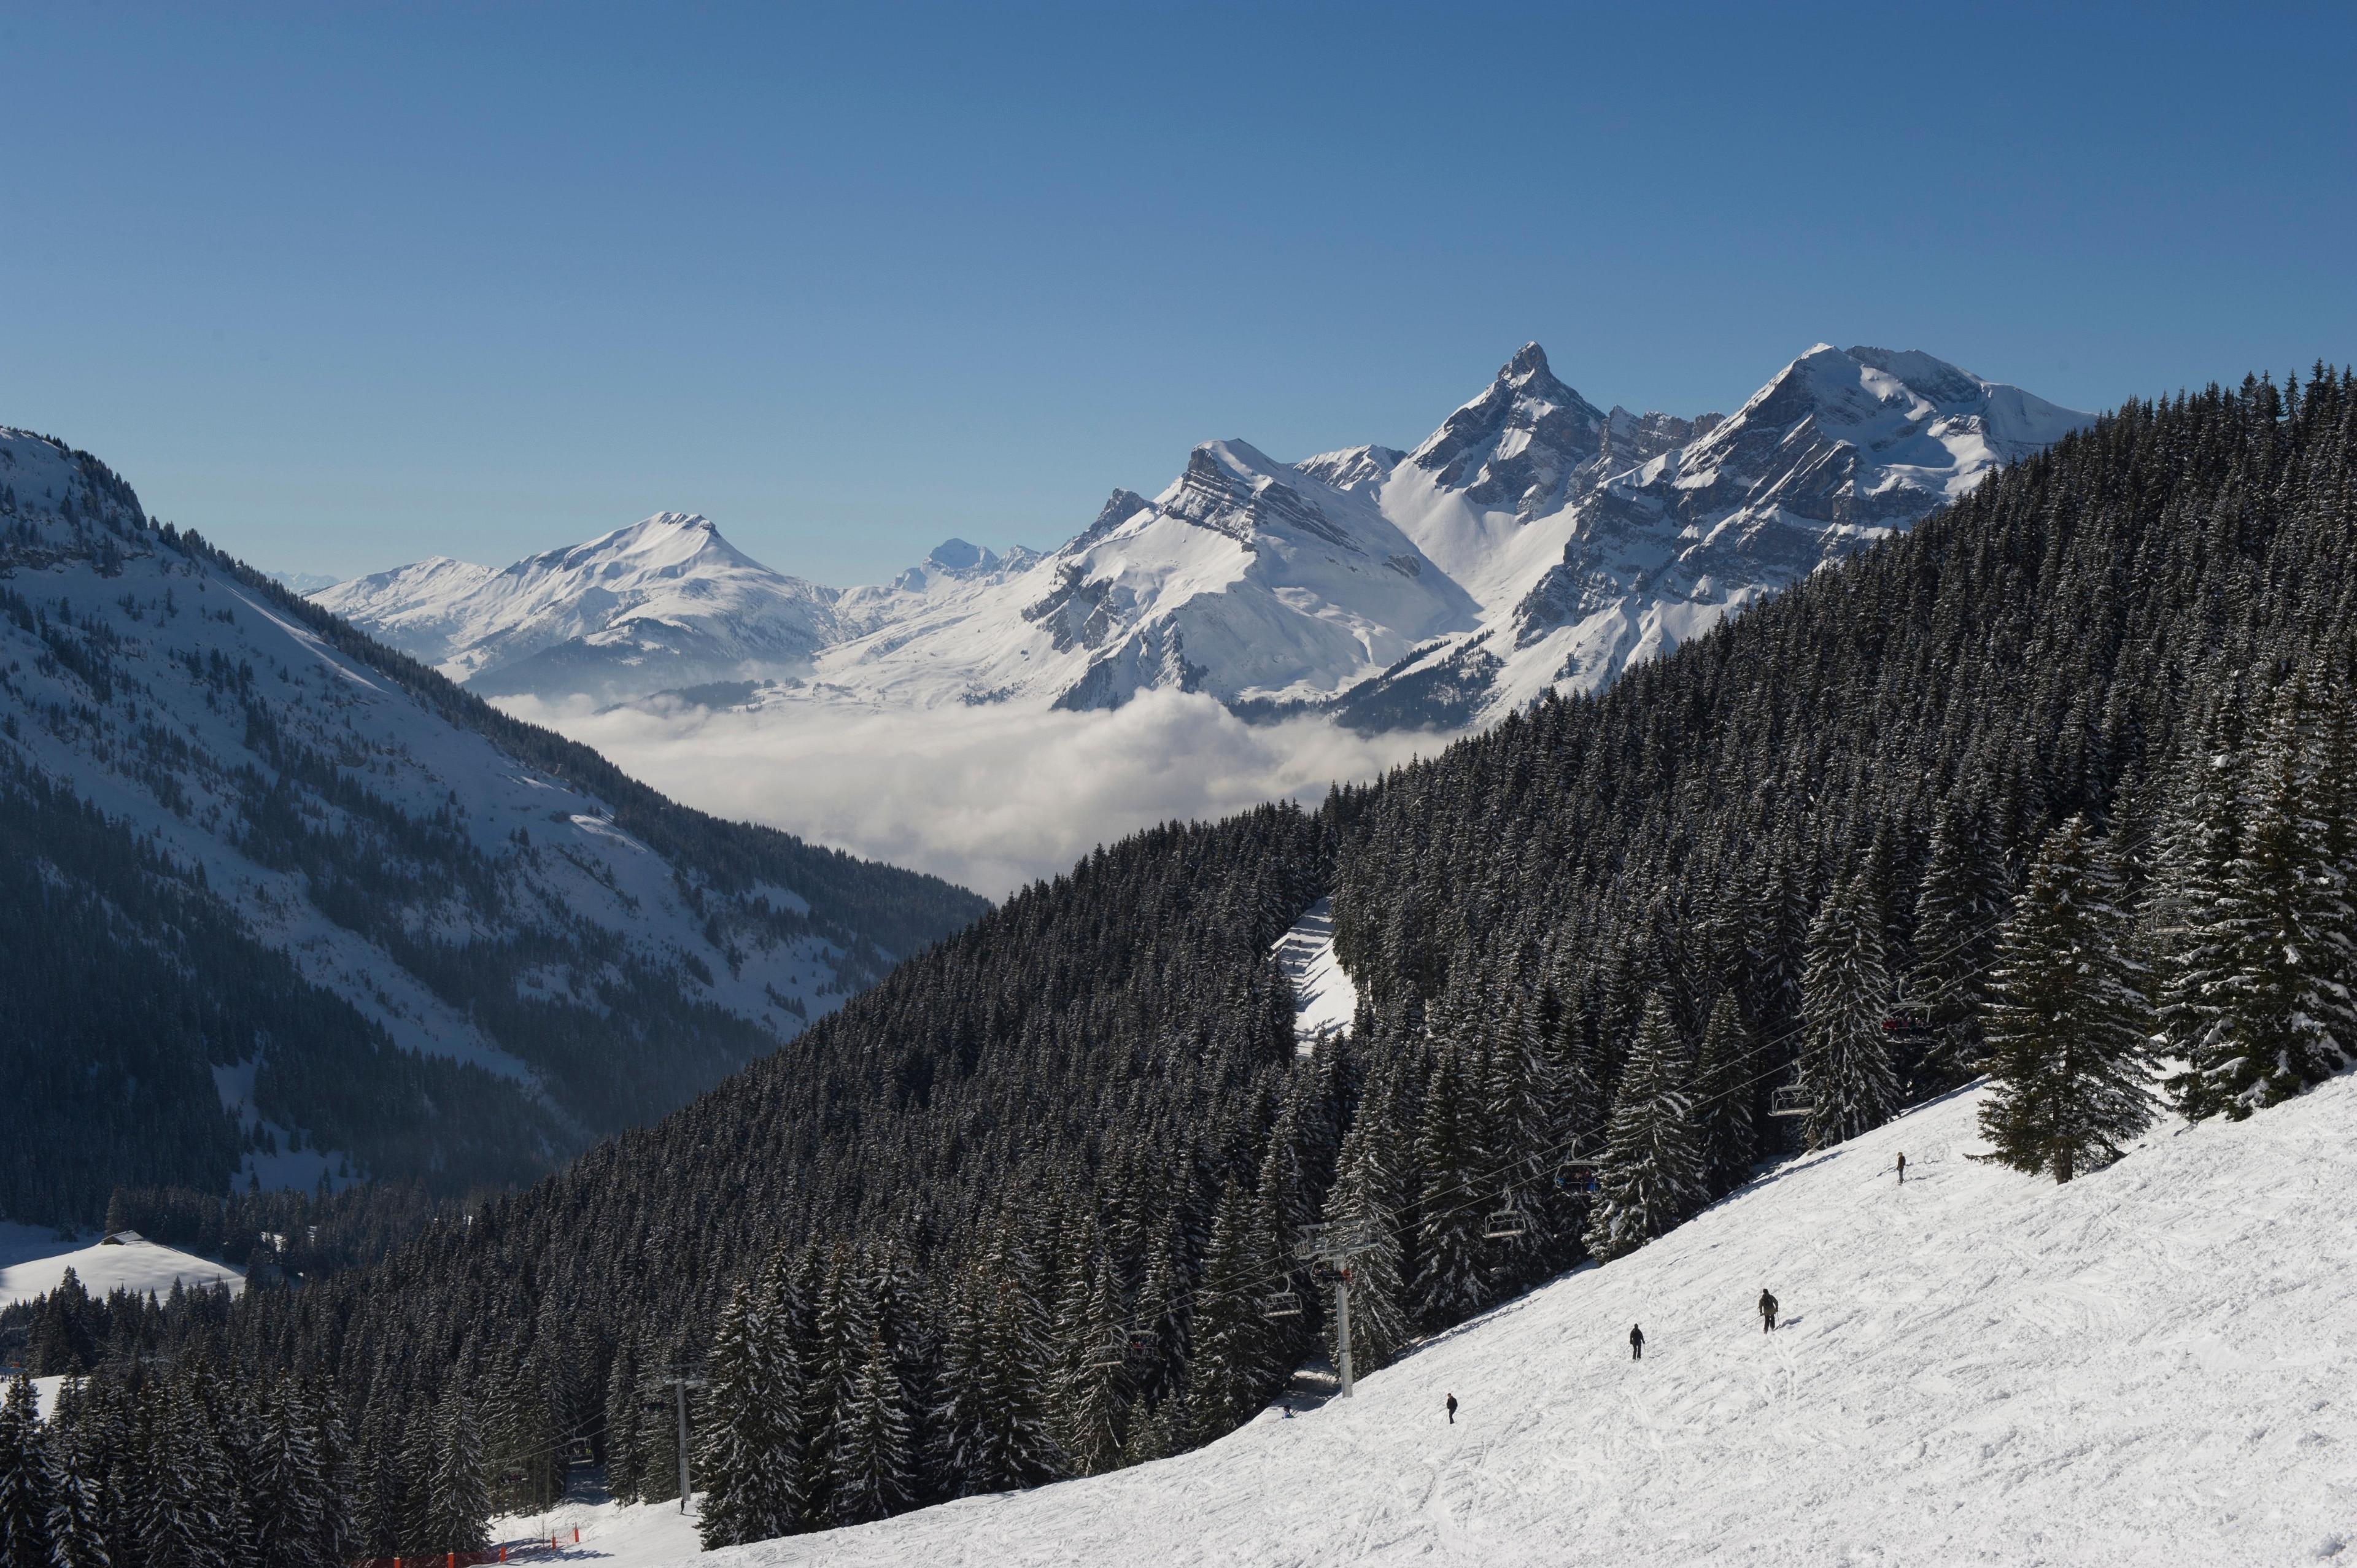 Les Carroz-d'Araches, Araches-la-Frasse, Haute-Savoie, France